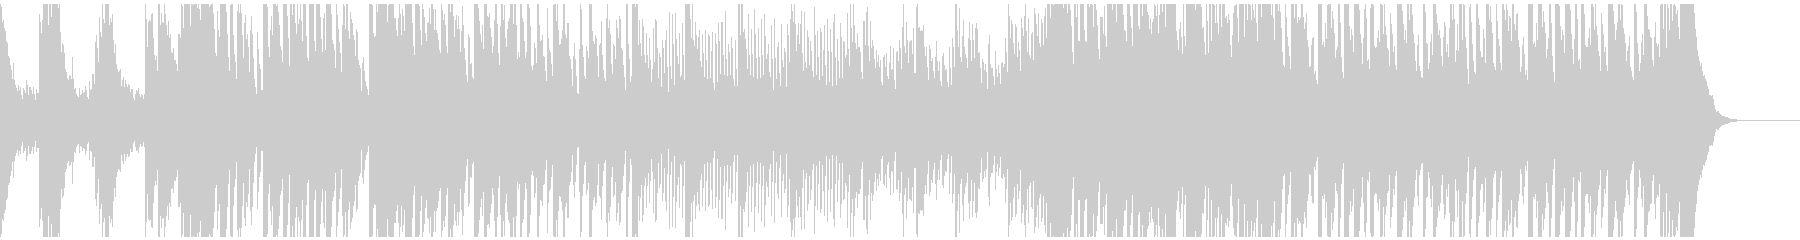 ピアノがメインの曲/静かな決意の未再生の波形